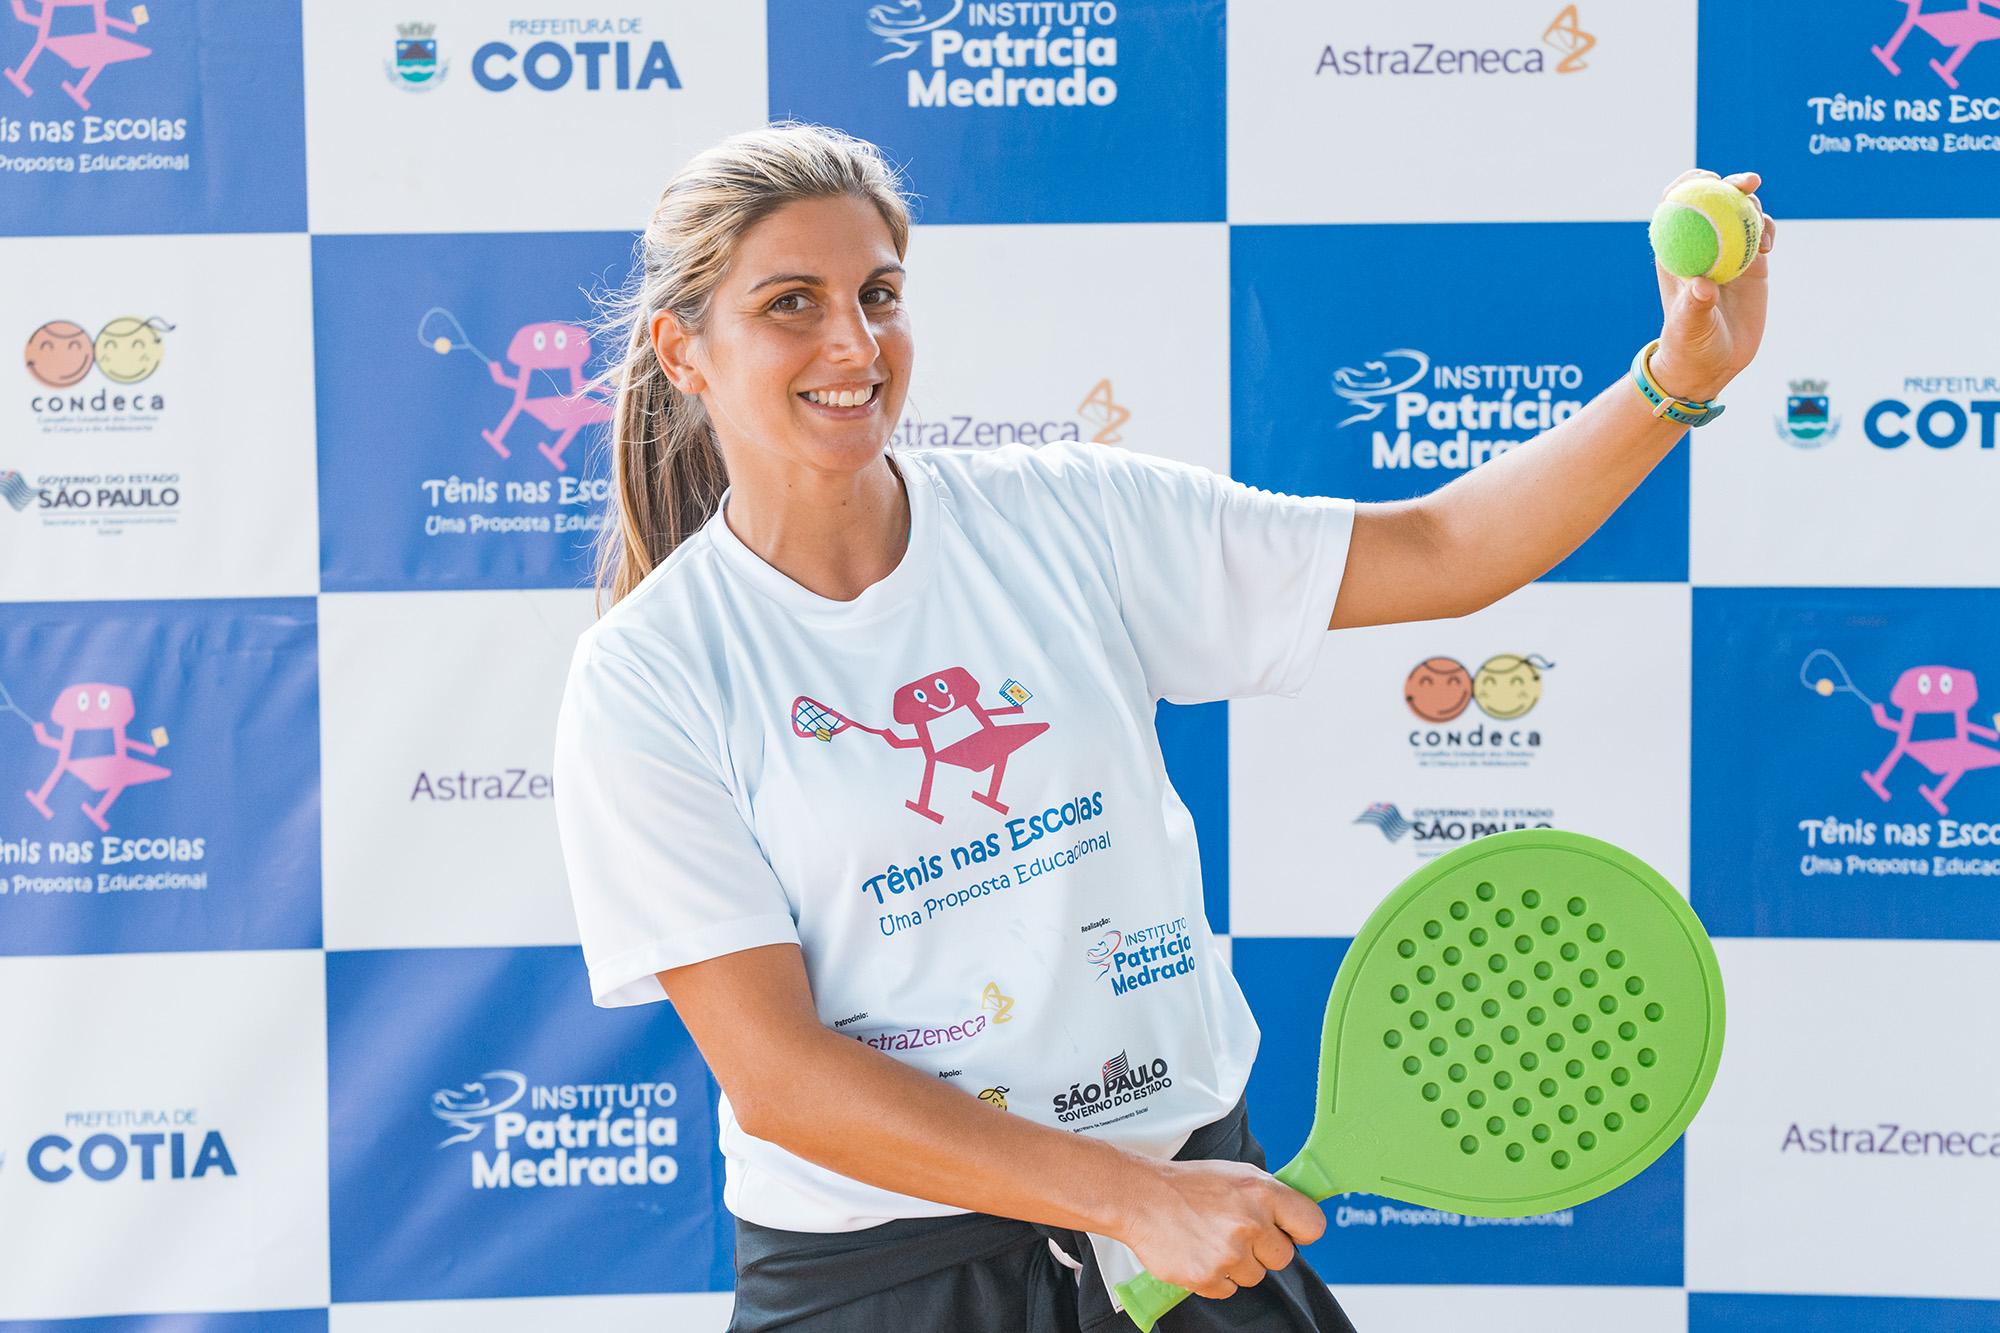 Professores de Educação Física iniciam capacitação por meio do Projeto Tênis das Escolas